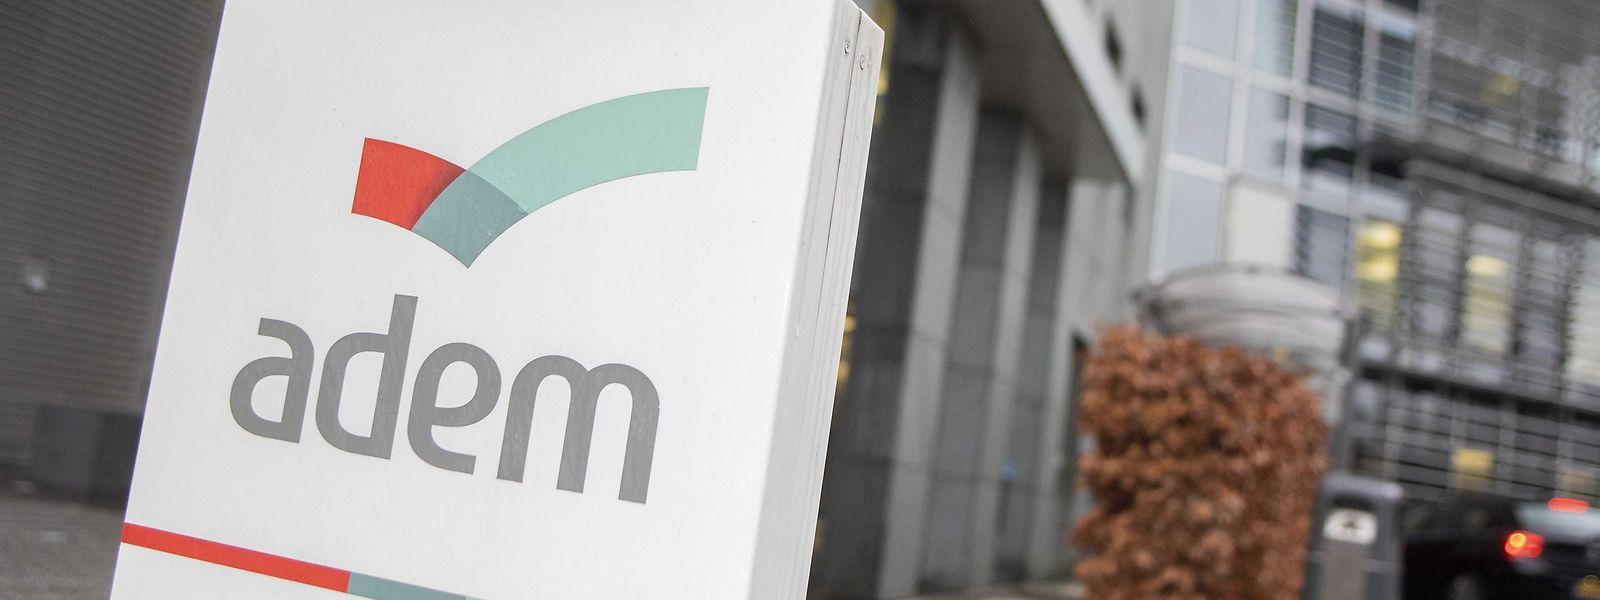 Der ADEM müssen die Beschuldigten Schadenersatz in Höhe von rund 83.000 Euro zahlen.